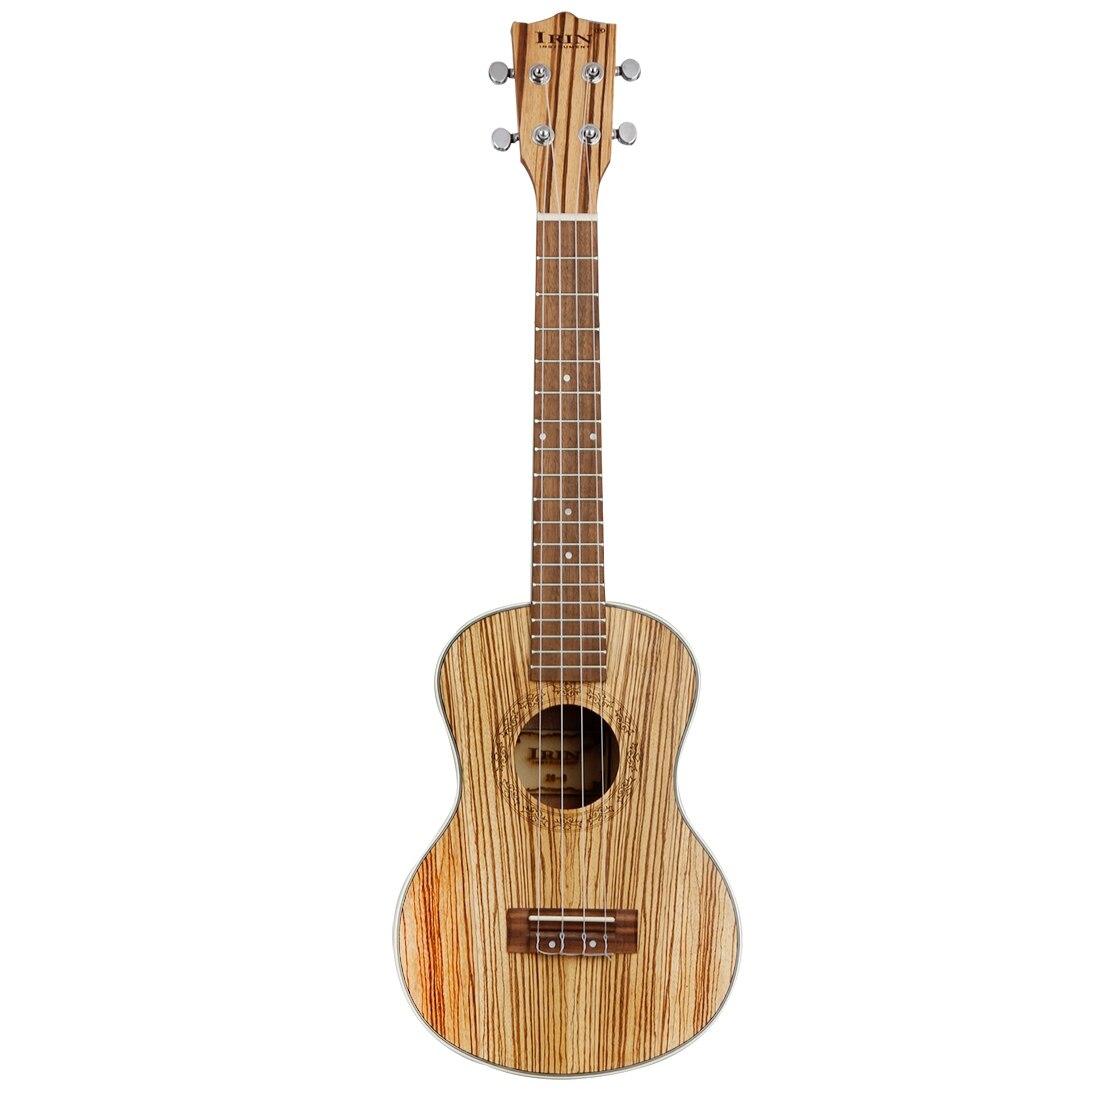 IRIN Concert ukulélé 26 pouces 4 cordes hawaïen Mini guitare acoustique guitare Ukelele guitare envoyer des cadeaux musique à cordes Instrumc